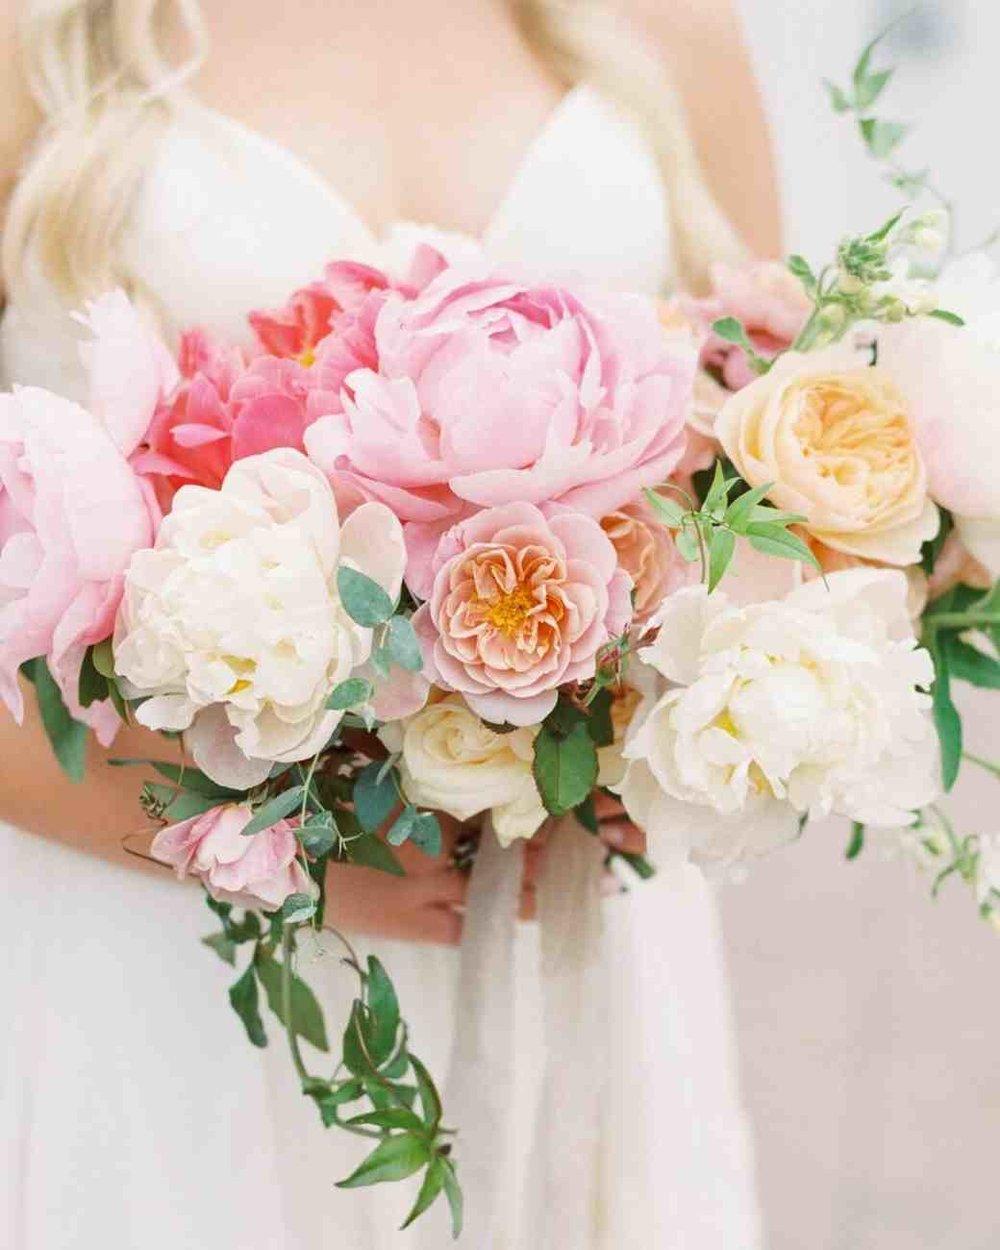 pink-wedding-bouquets-tenth-grace-0418_vert.jpeg